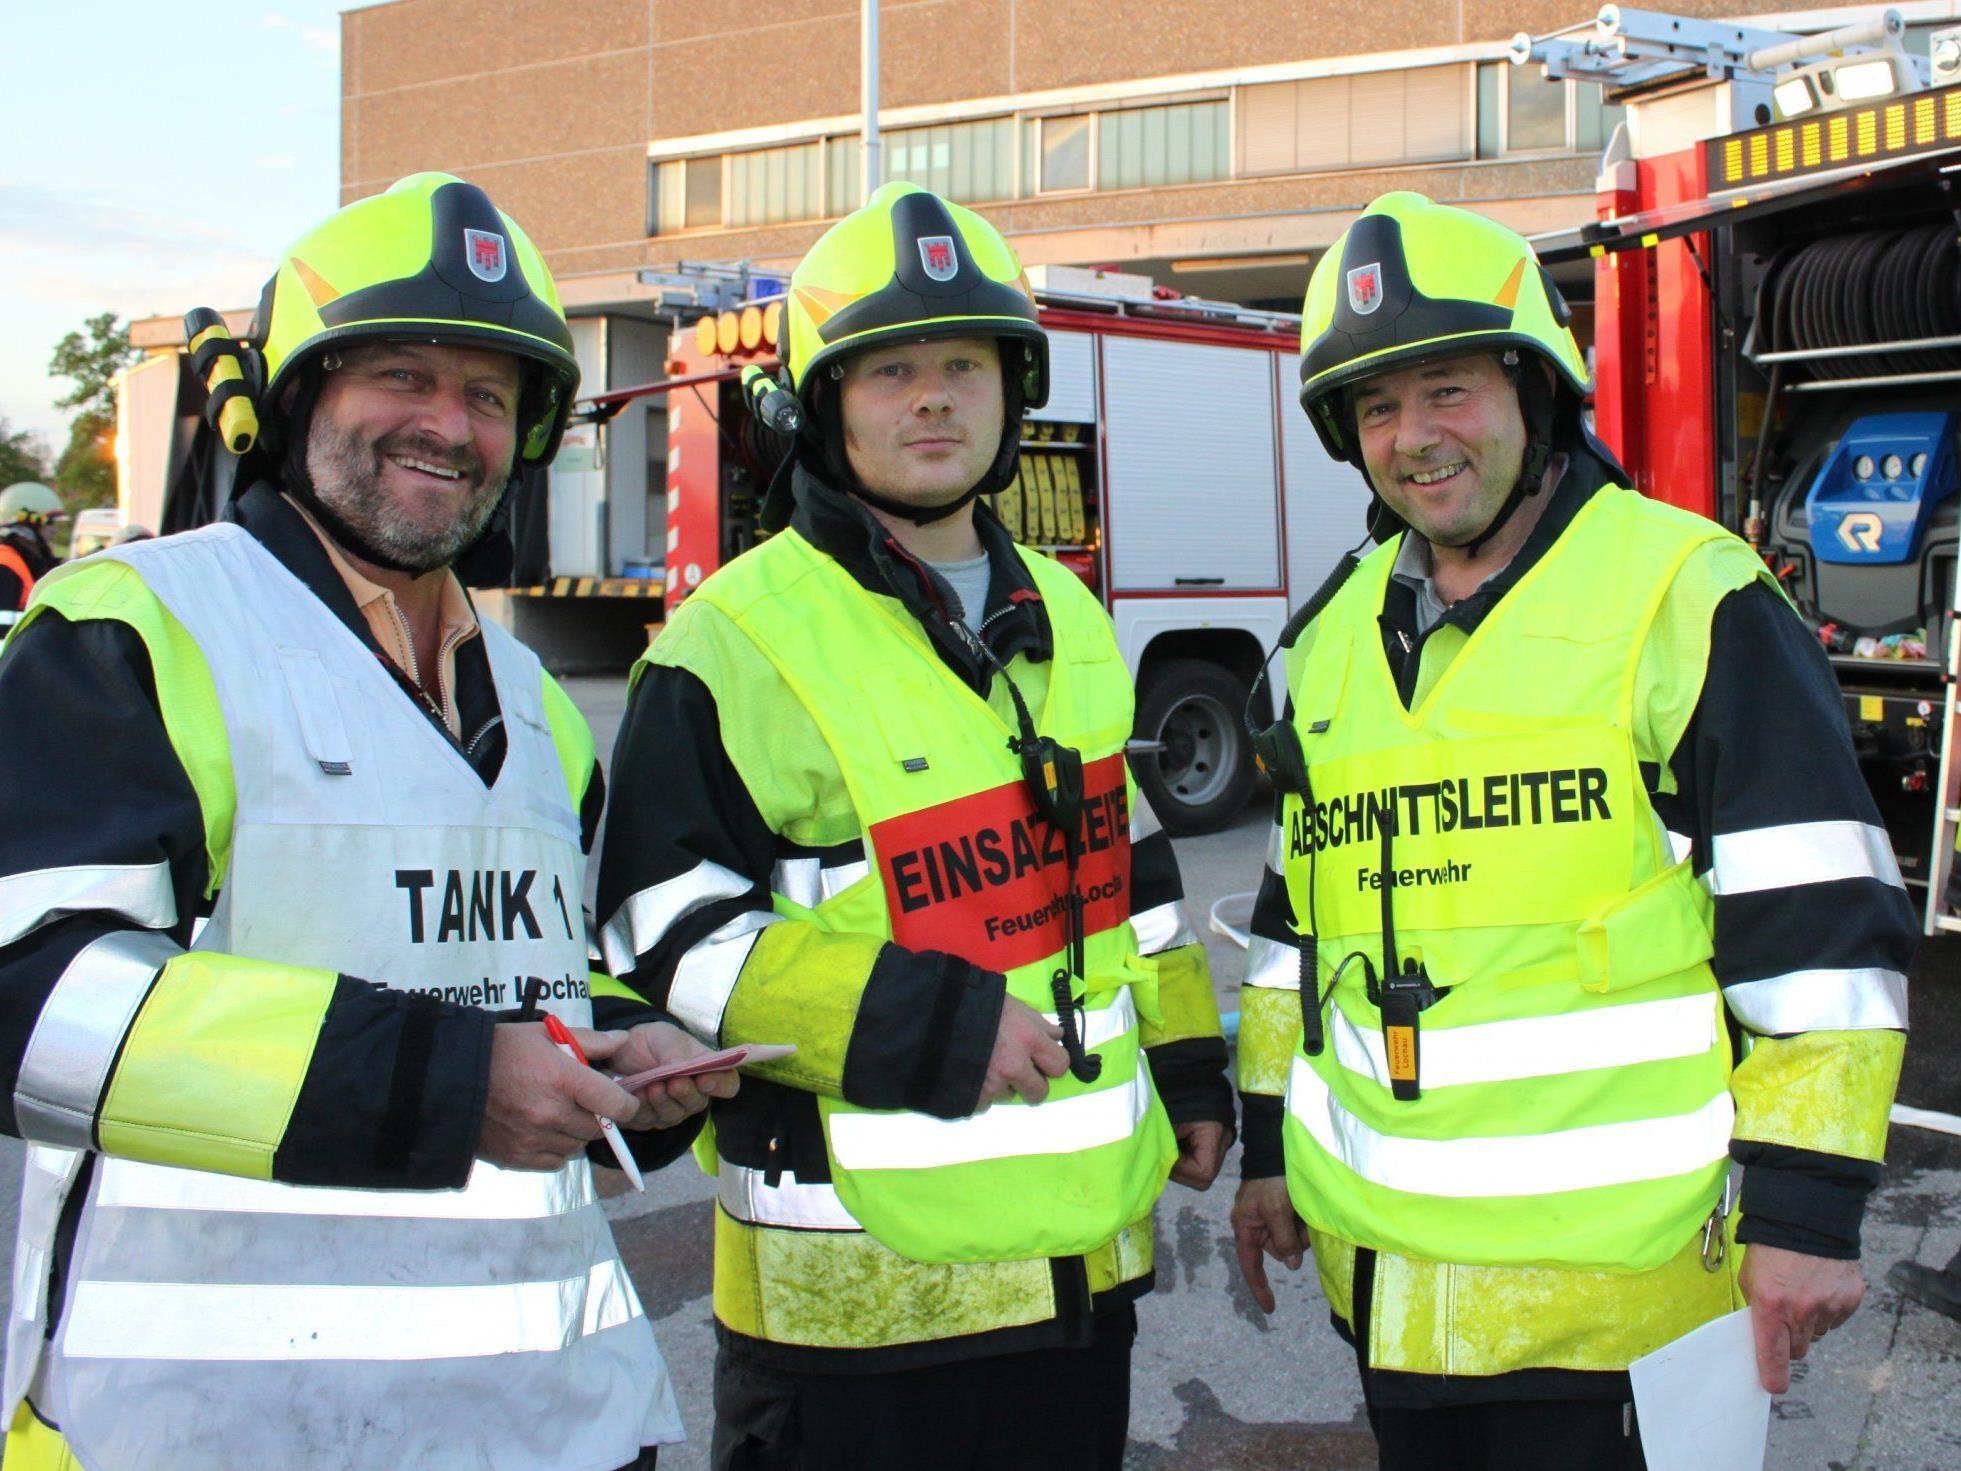 Gerhard Baldauf, Mario Hauss und Dietmar Heiß von der Lochauer Wehr zogen eine positive Übungsbilanz.